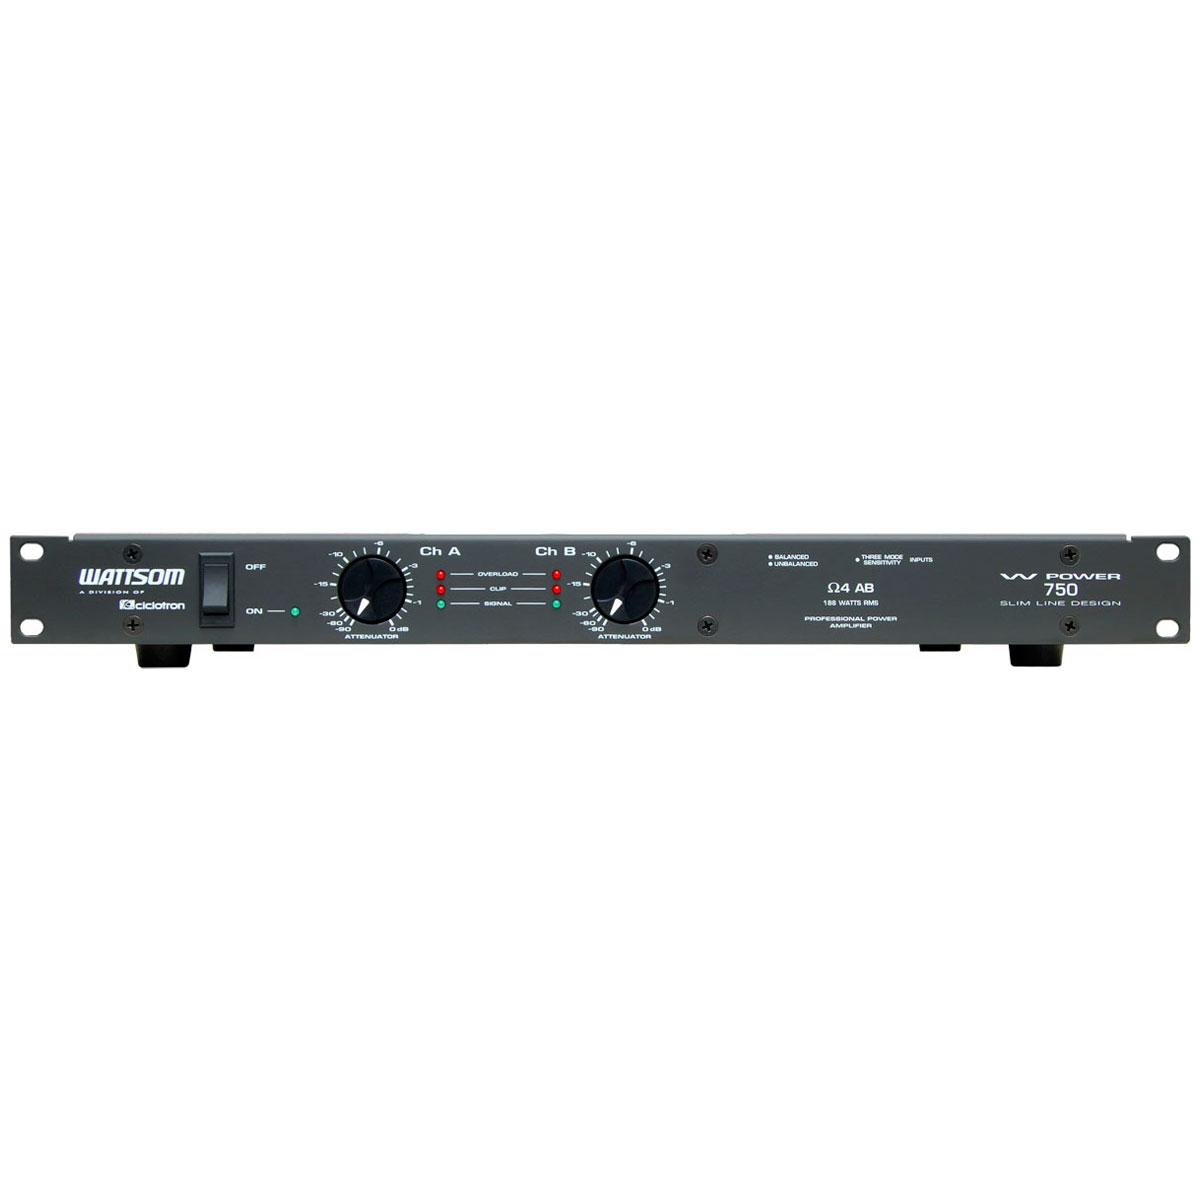 WPOWER750 - Amplificador Estéreo 2 Canais 188W W POWER 750 - Ciclotron